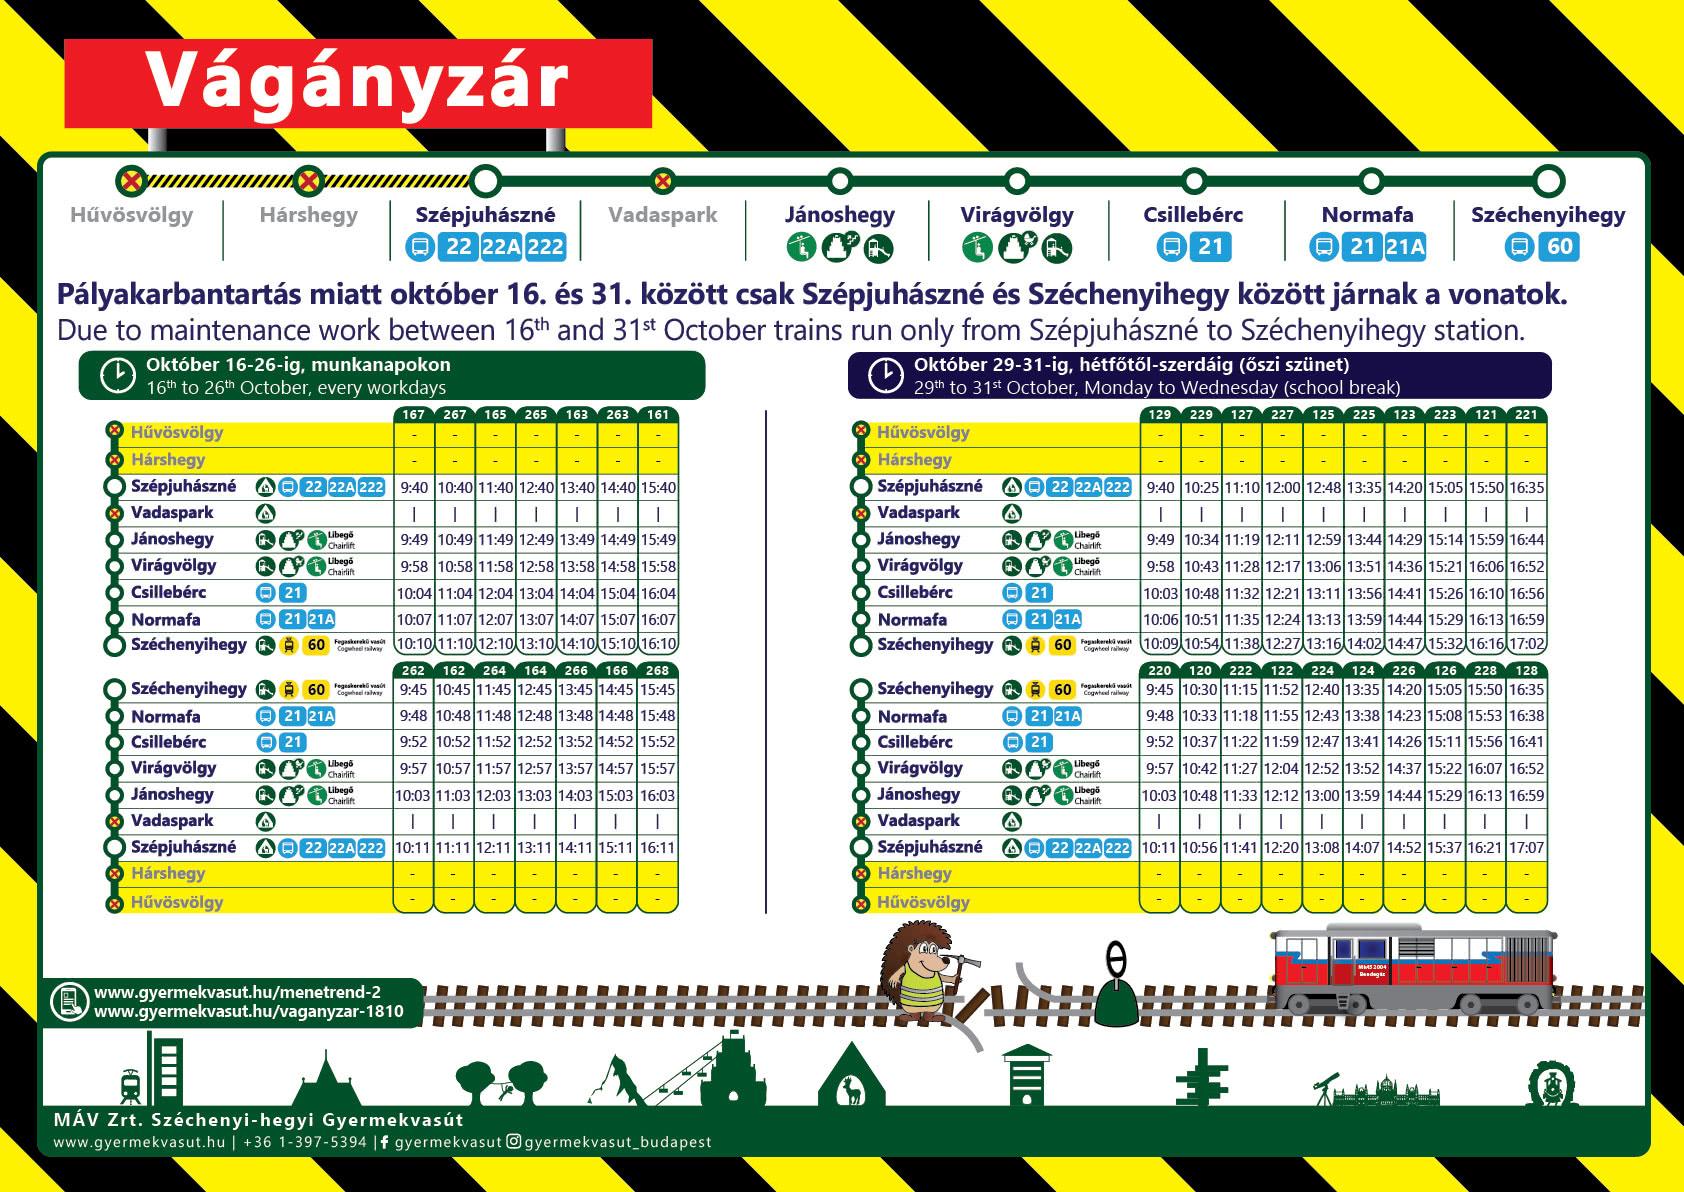 Érvényes: október 16-31. munkanapokon / Validity: 16th to 31st October, workdays